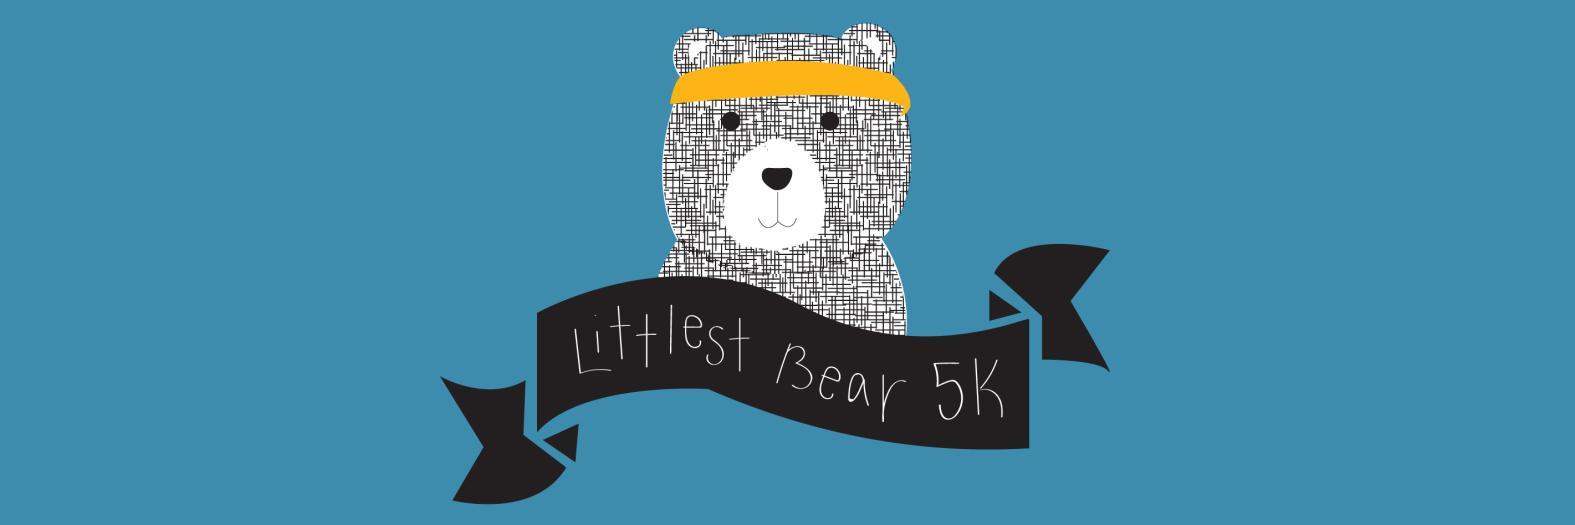 Littlest Bear 5k banner